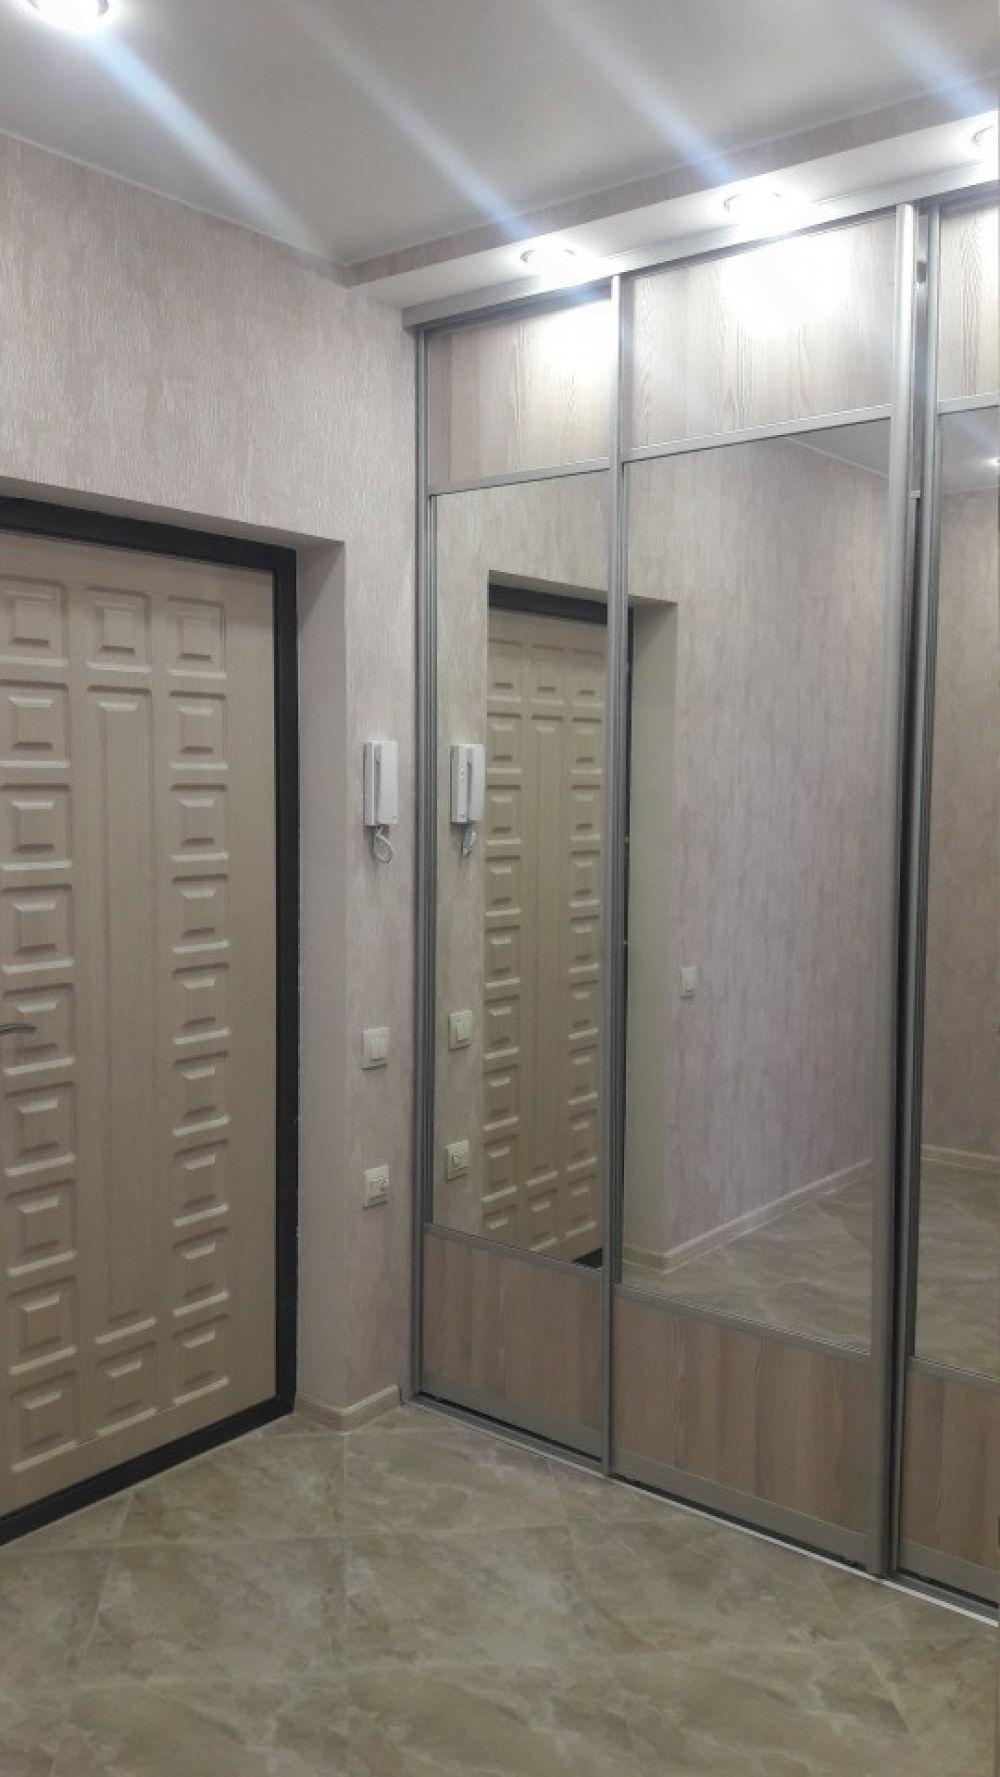 1-к квартира, Щелково, Краснознаменская улица, 17к4, фото 1